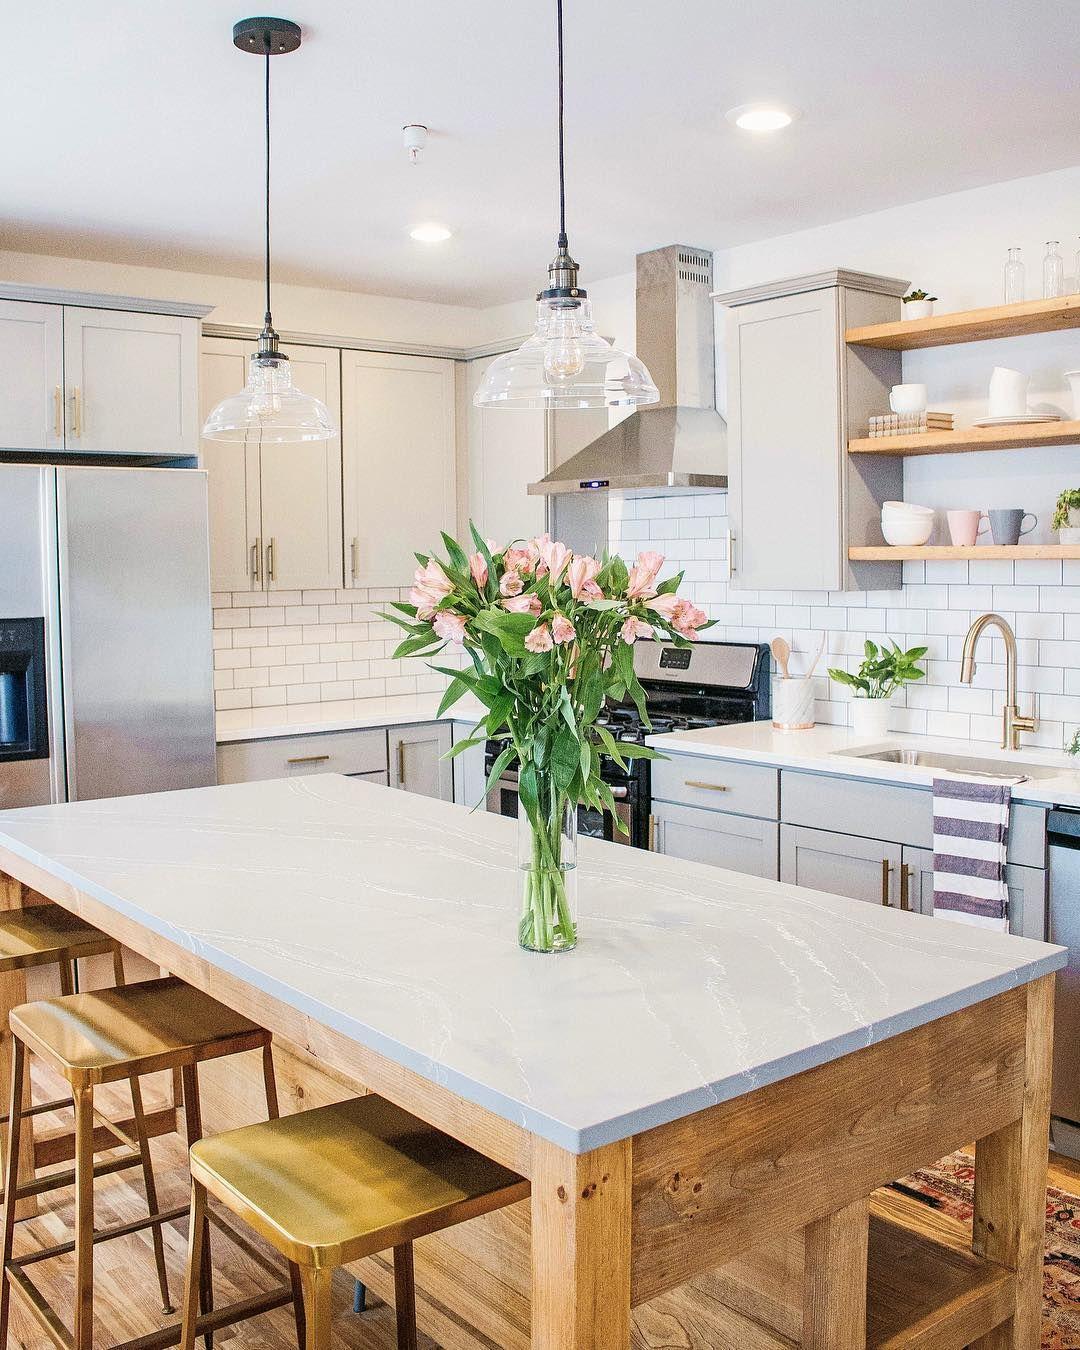 Pin de Dakota Symons en House and Home | Pinterest | Cocinas ...